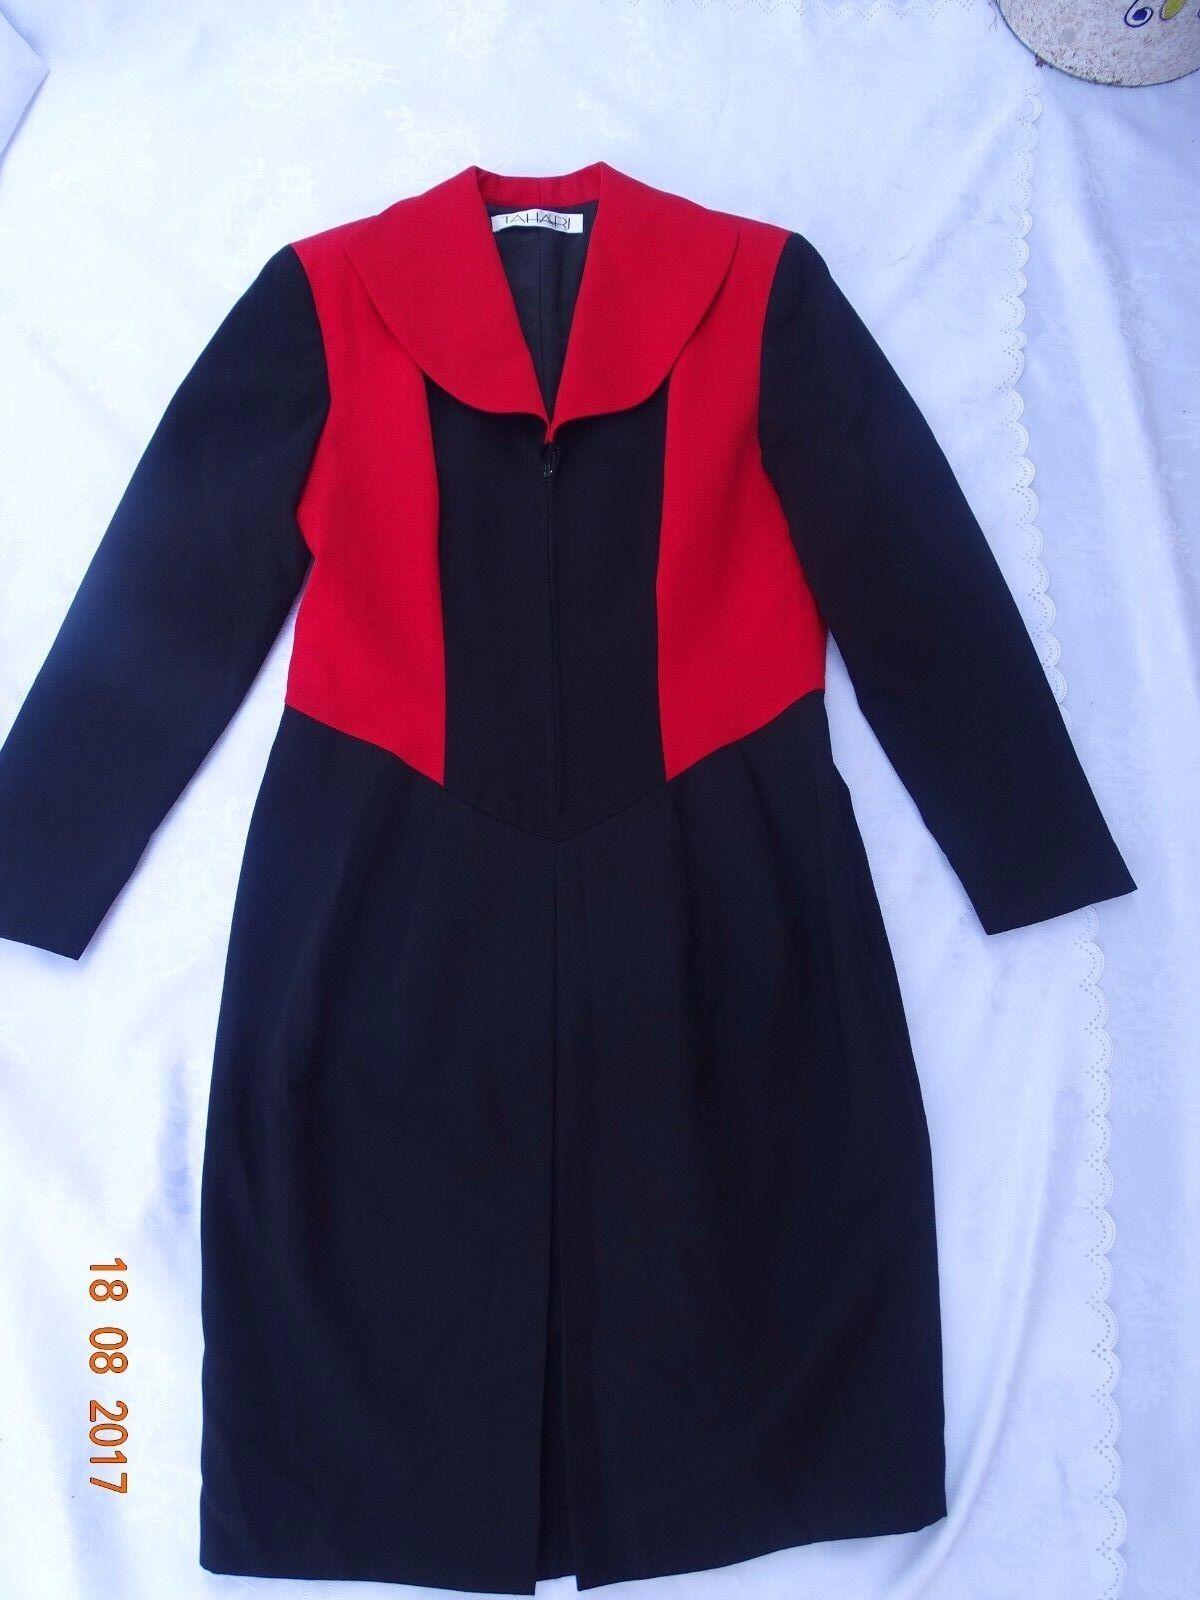 93eb27be5dc93a Tahari Schwarz Rot von Zipper Kleid Korea Größe M in Gefütterte ...